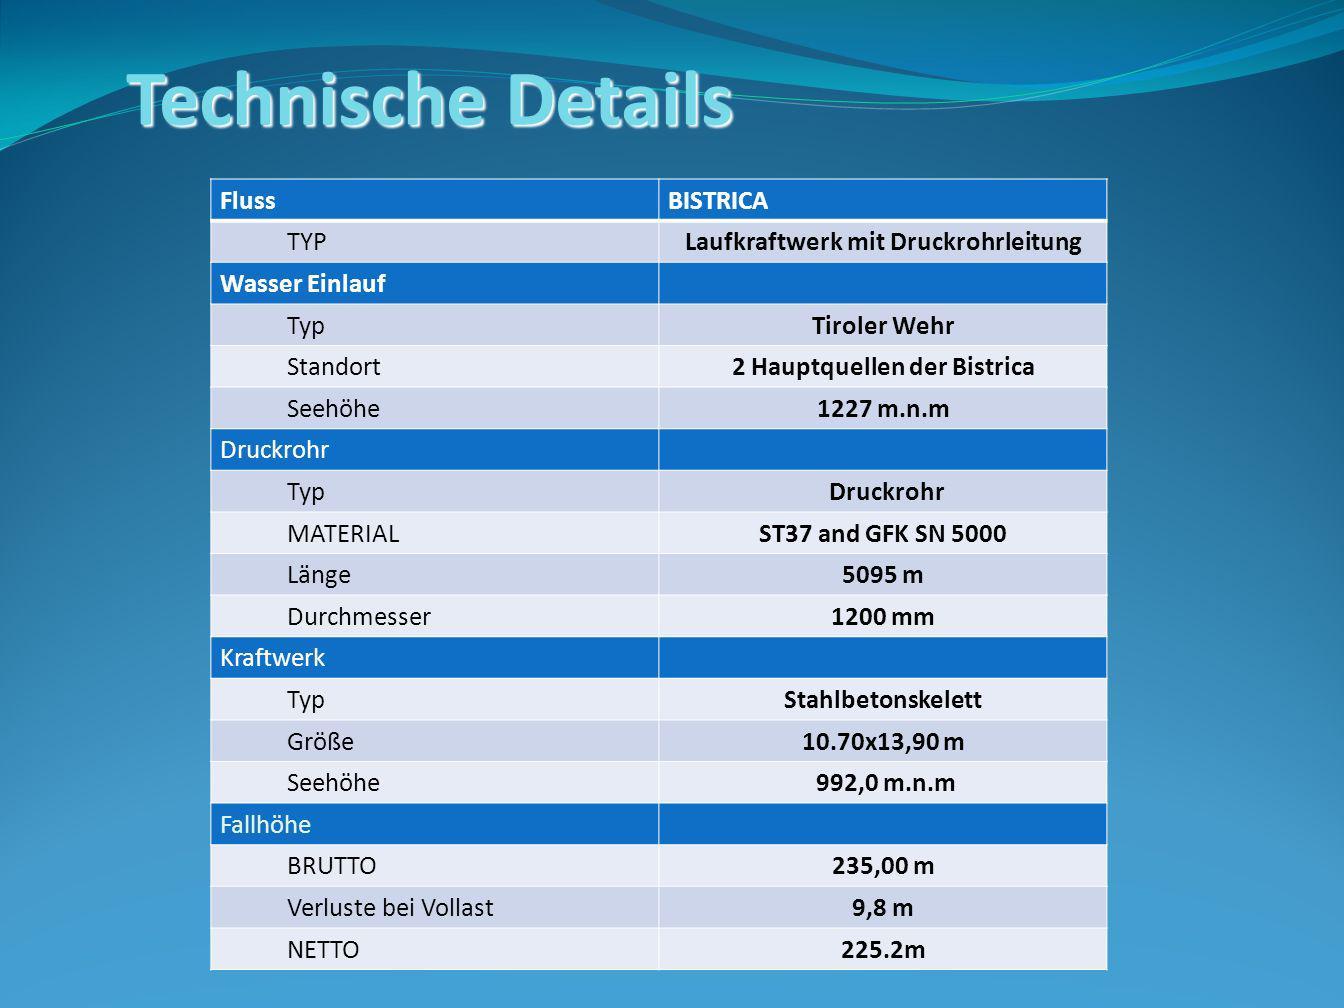 Laufkraftwerk mit Druckrohrleitung 2 Hauptquellen der Bistrica